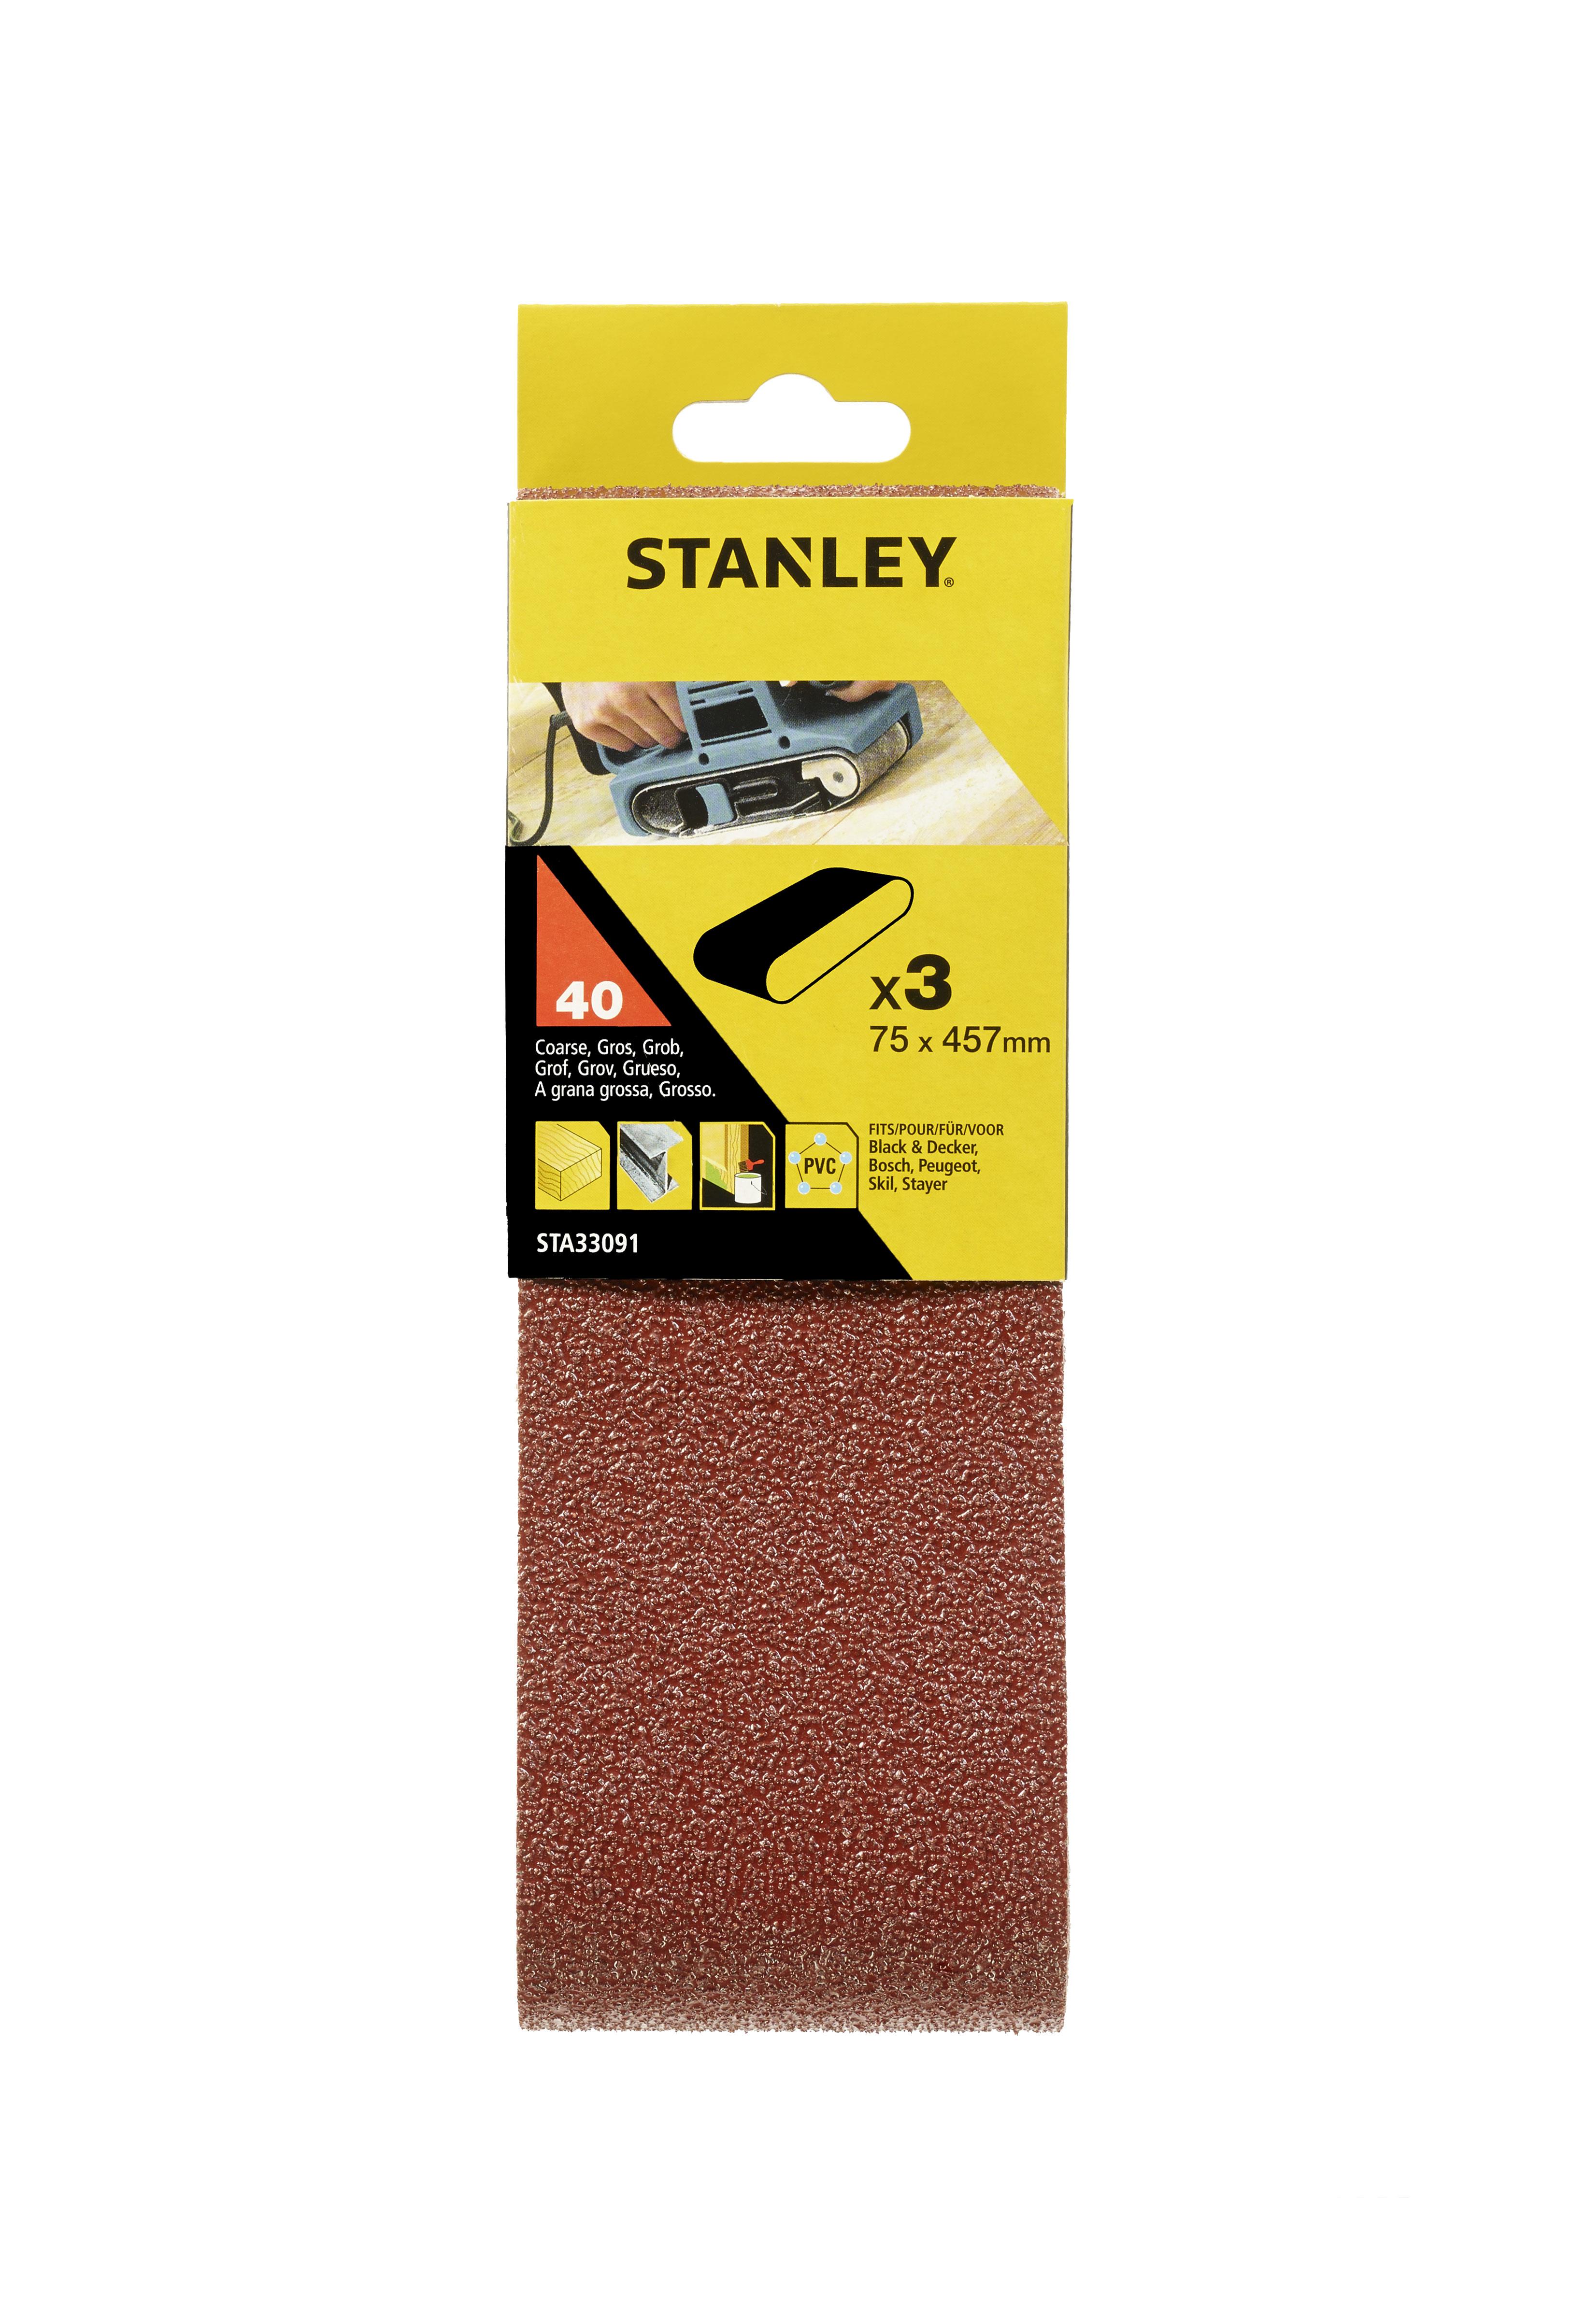 Купить Лента шлиф. бесконечная Stanley 75х457мм p40